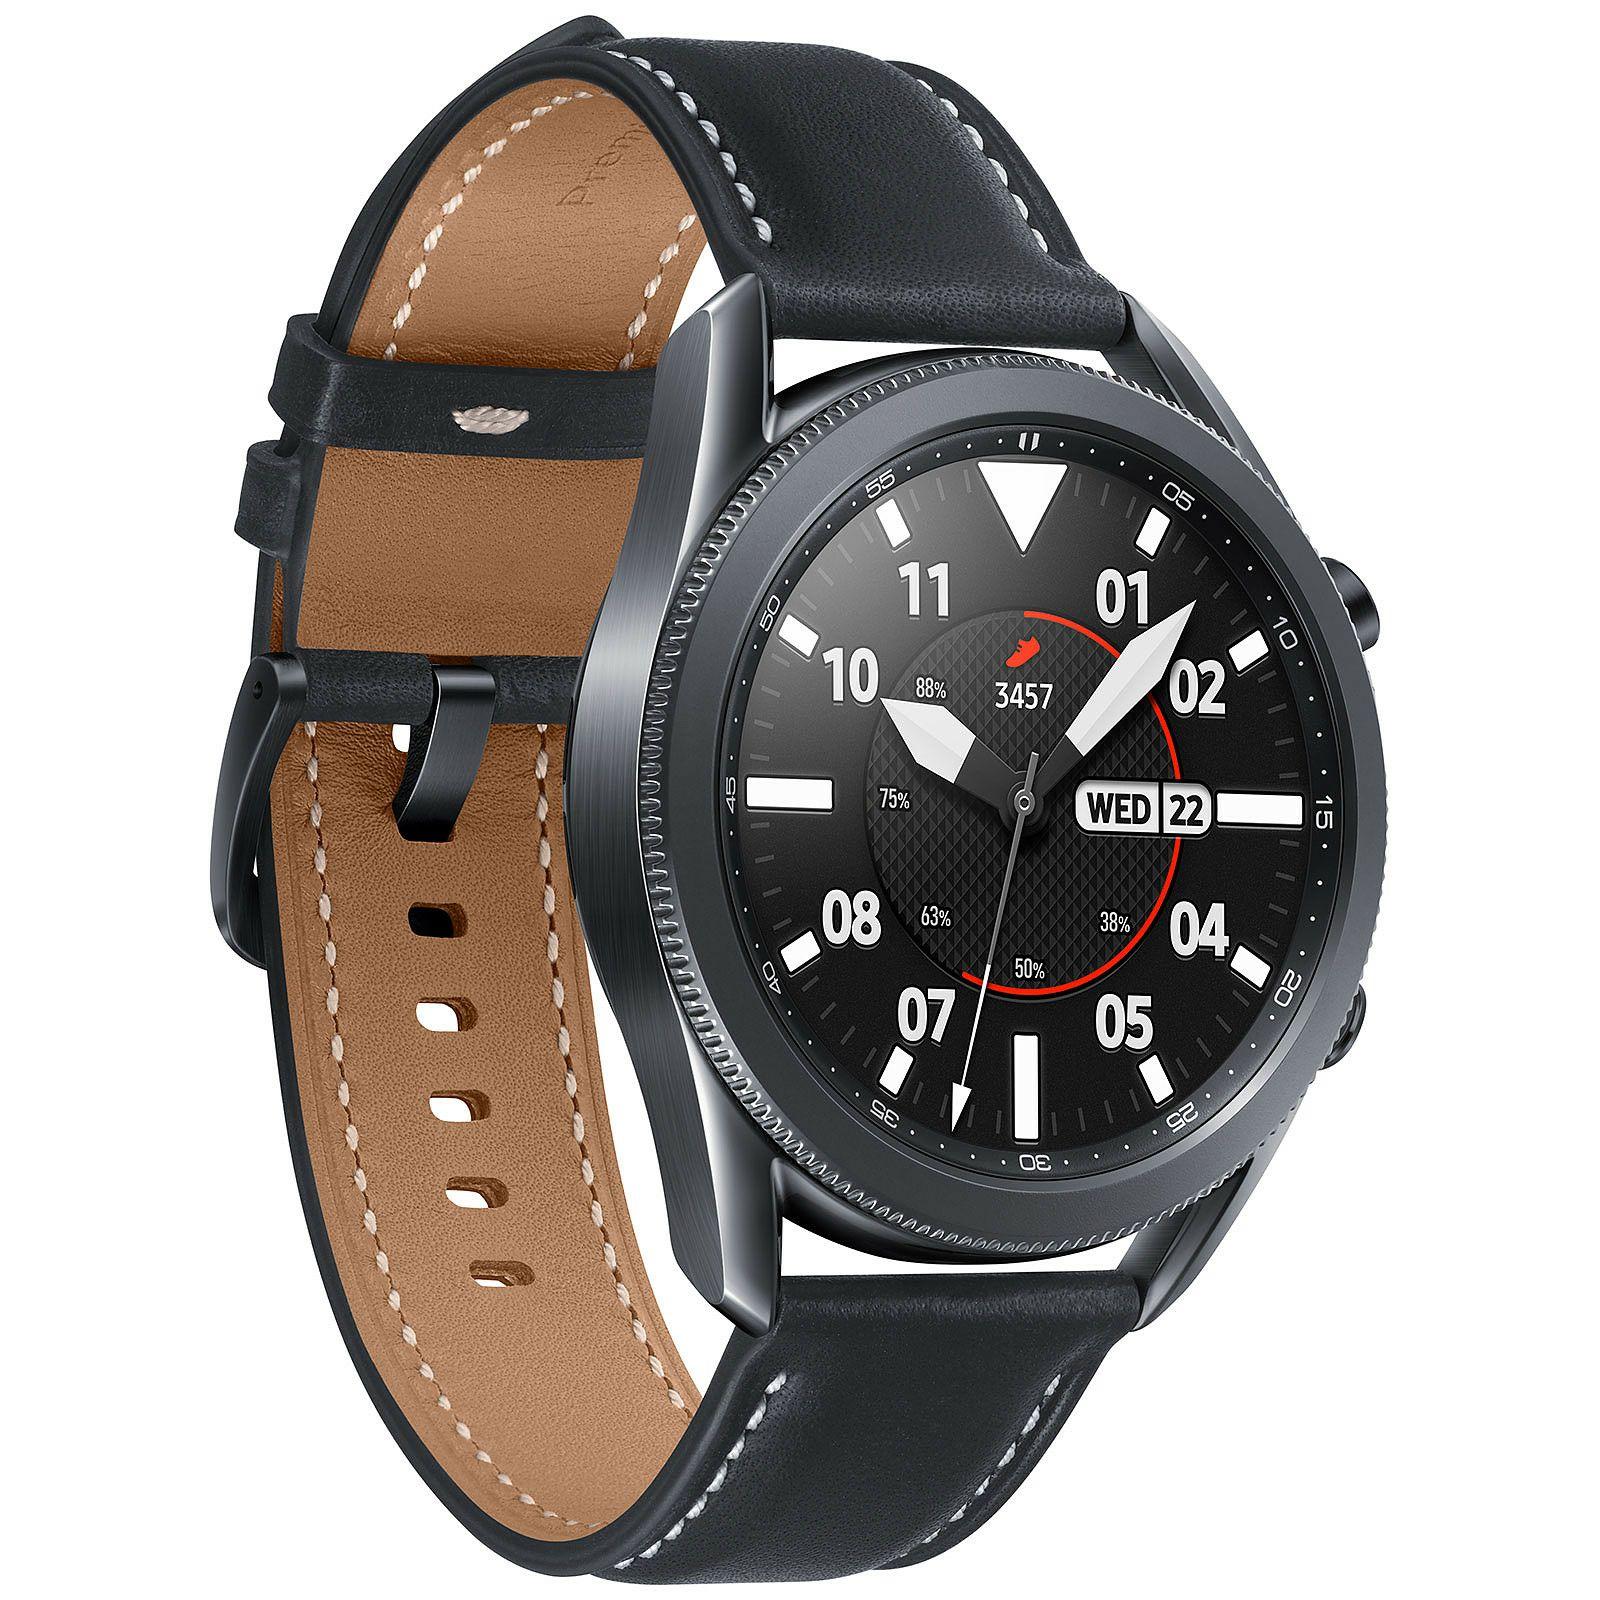 Montre connectée Samsung Galaxy Watch 3 - 45 mm, noir (Via retrait 1H & ODR de 70€)